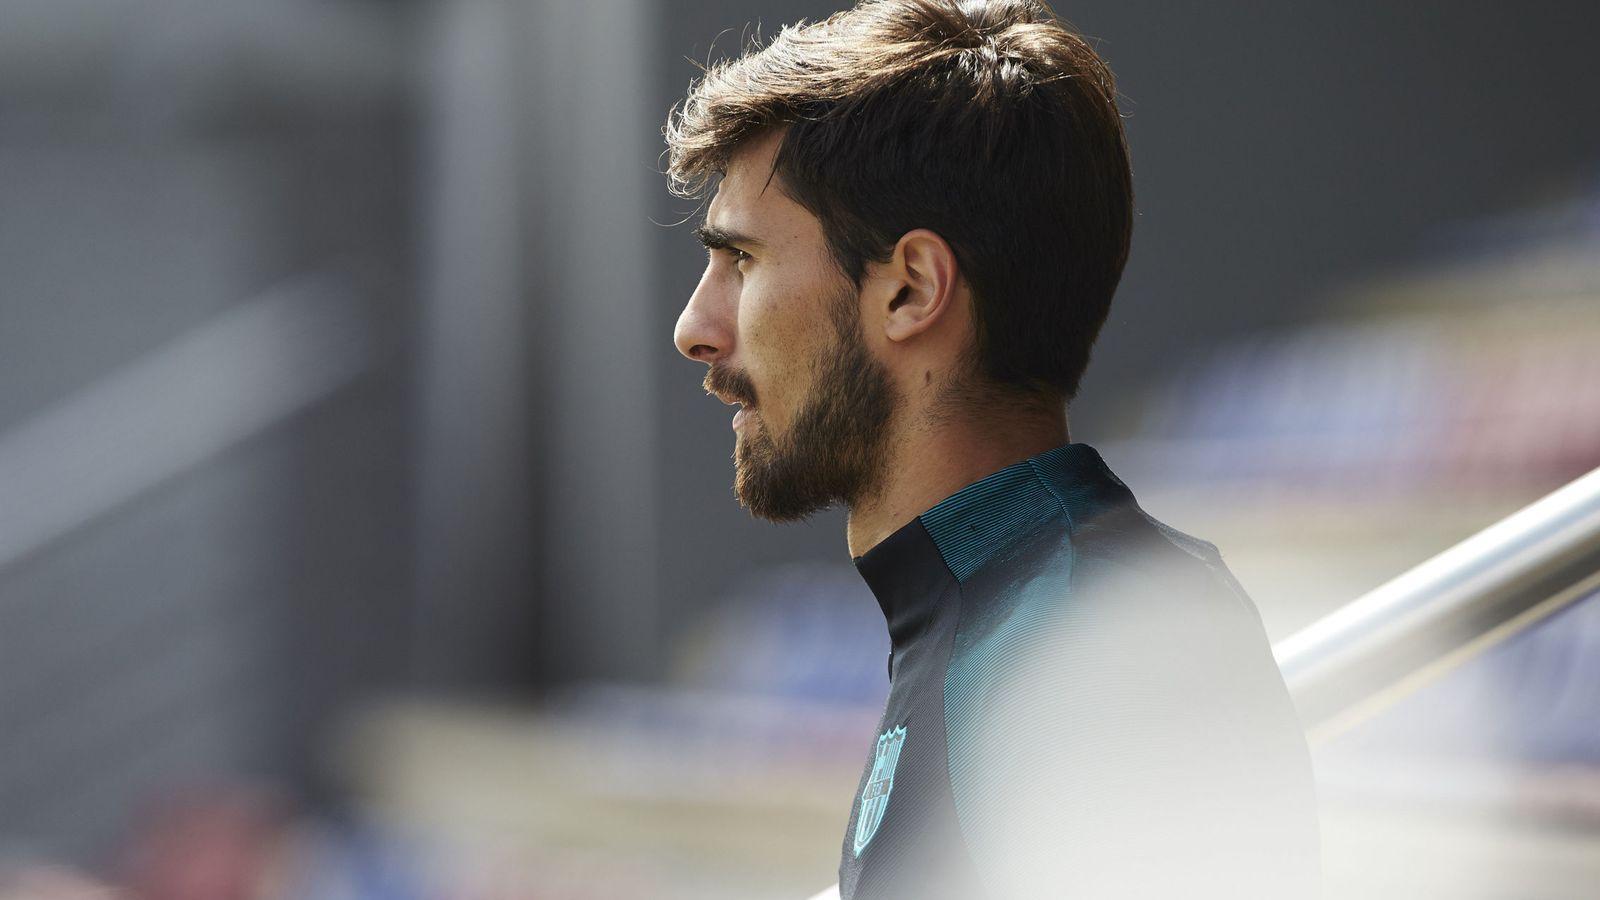 Foto: El Barcelona no cuenta con André Gomes y le busca una salida desde hace tiempo. (EFE)